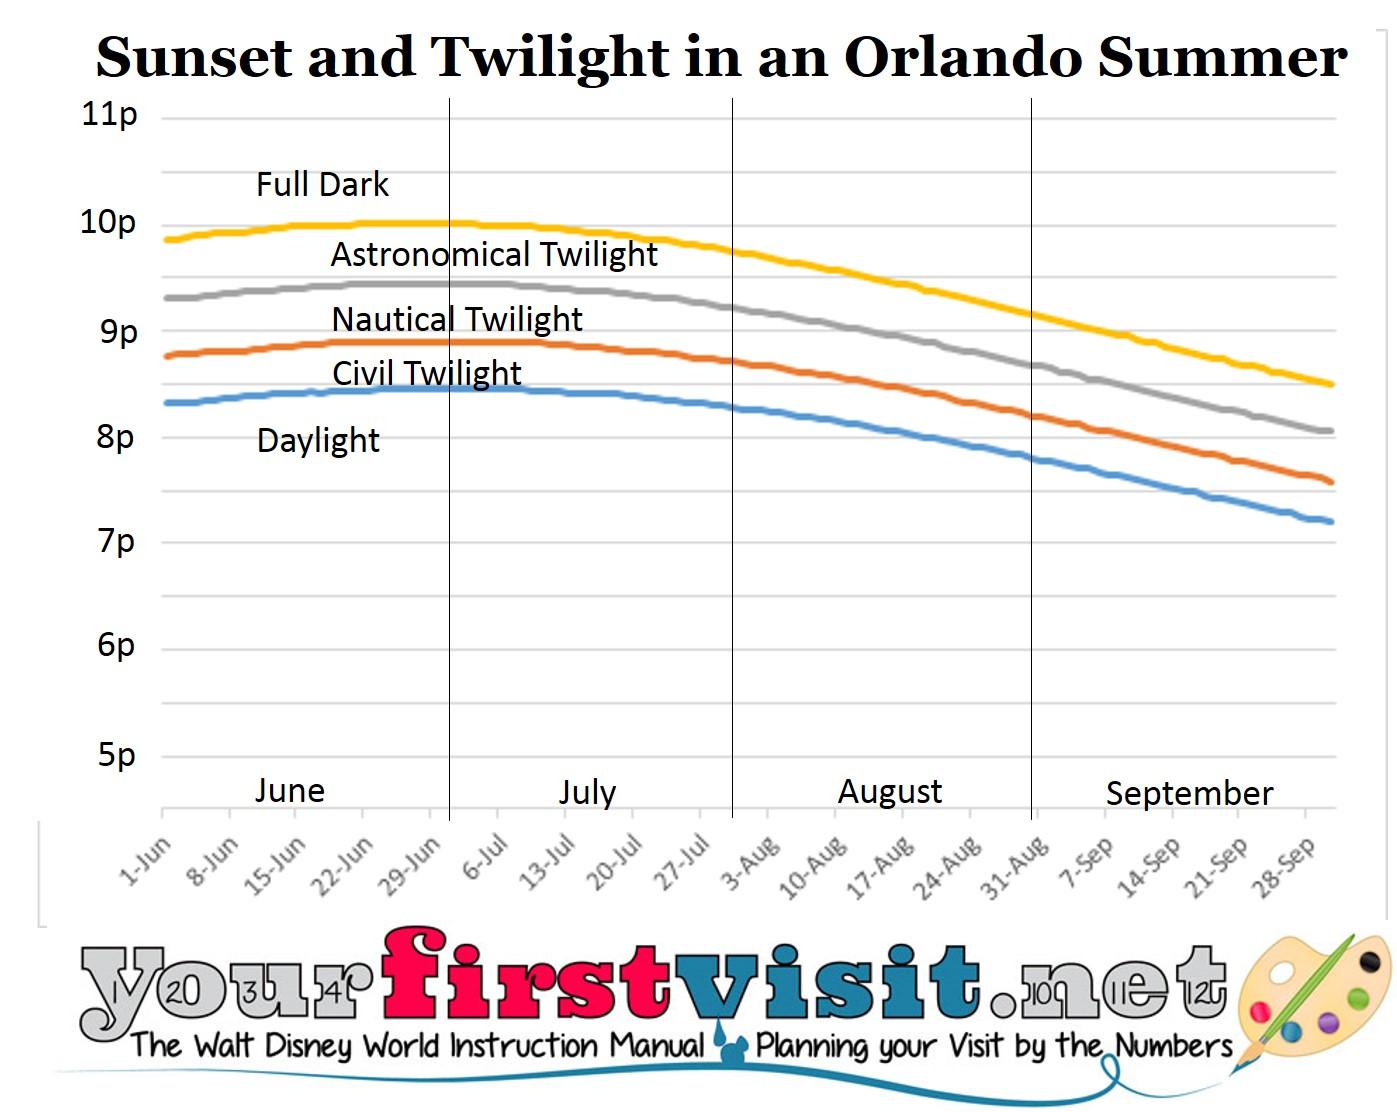 Summer Sunset in Orlando from yourfirstvisit.net